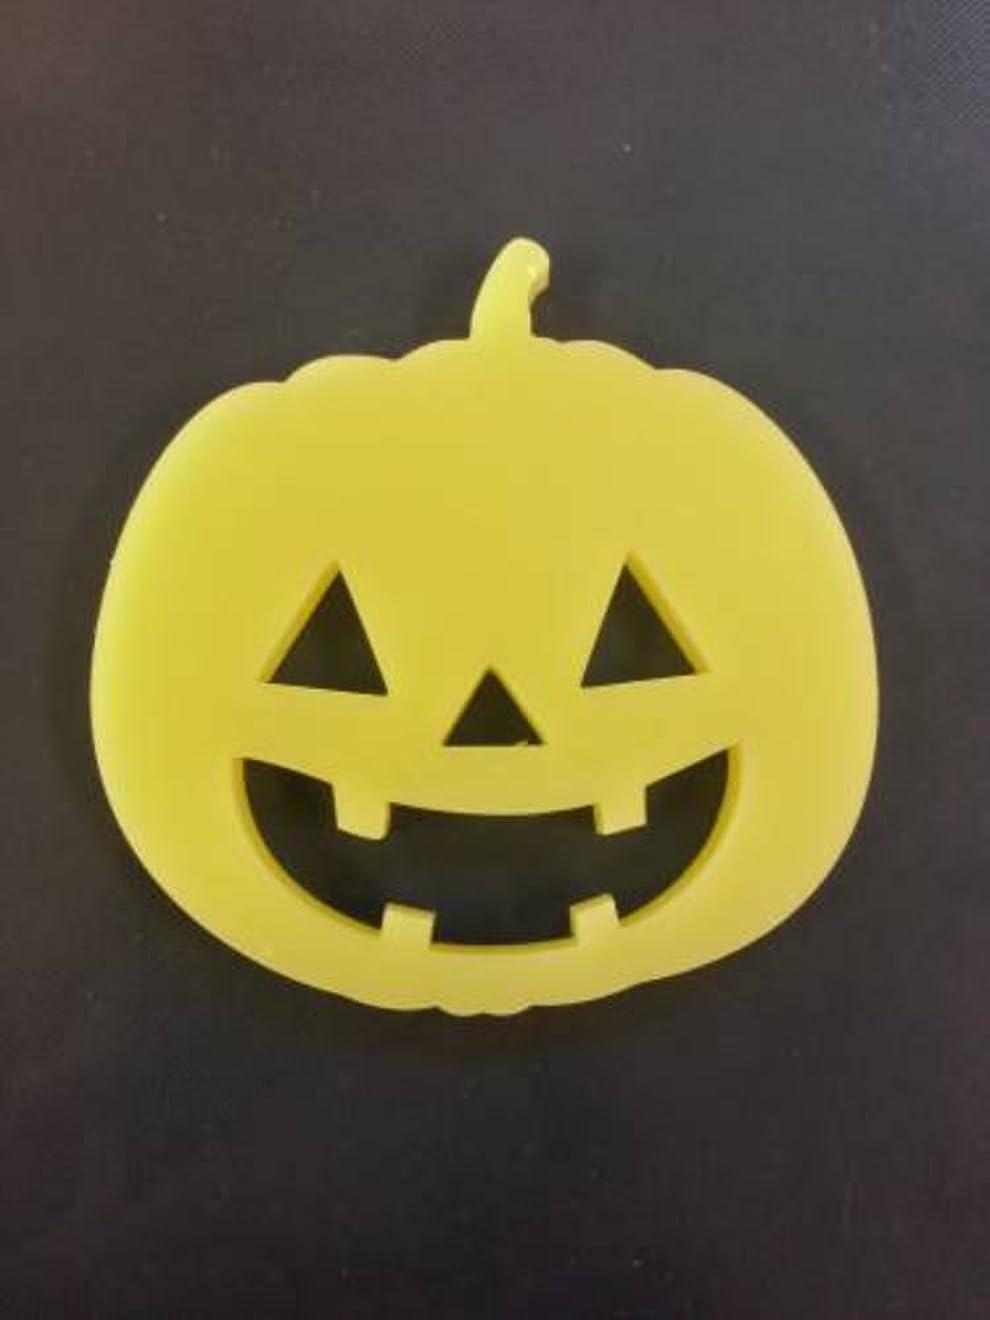 調整シェルターデッキGRASSE TOKYO AROMATICWAXチャーム「ハロウィンかぼちゃ」(YE) ベルガモット アロマティックワックス グラーストウキョウ